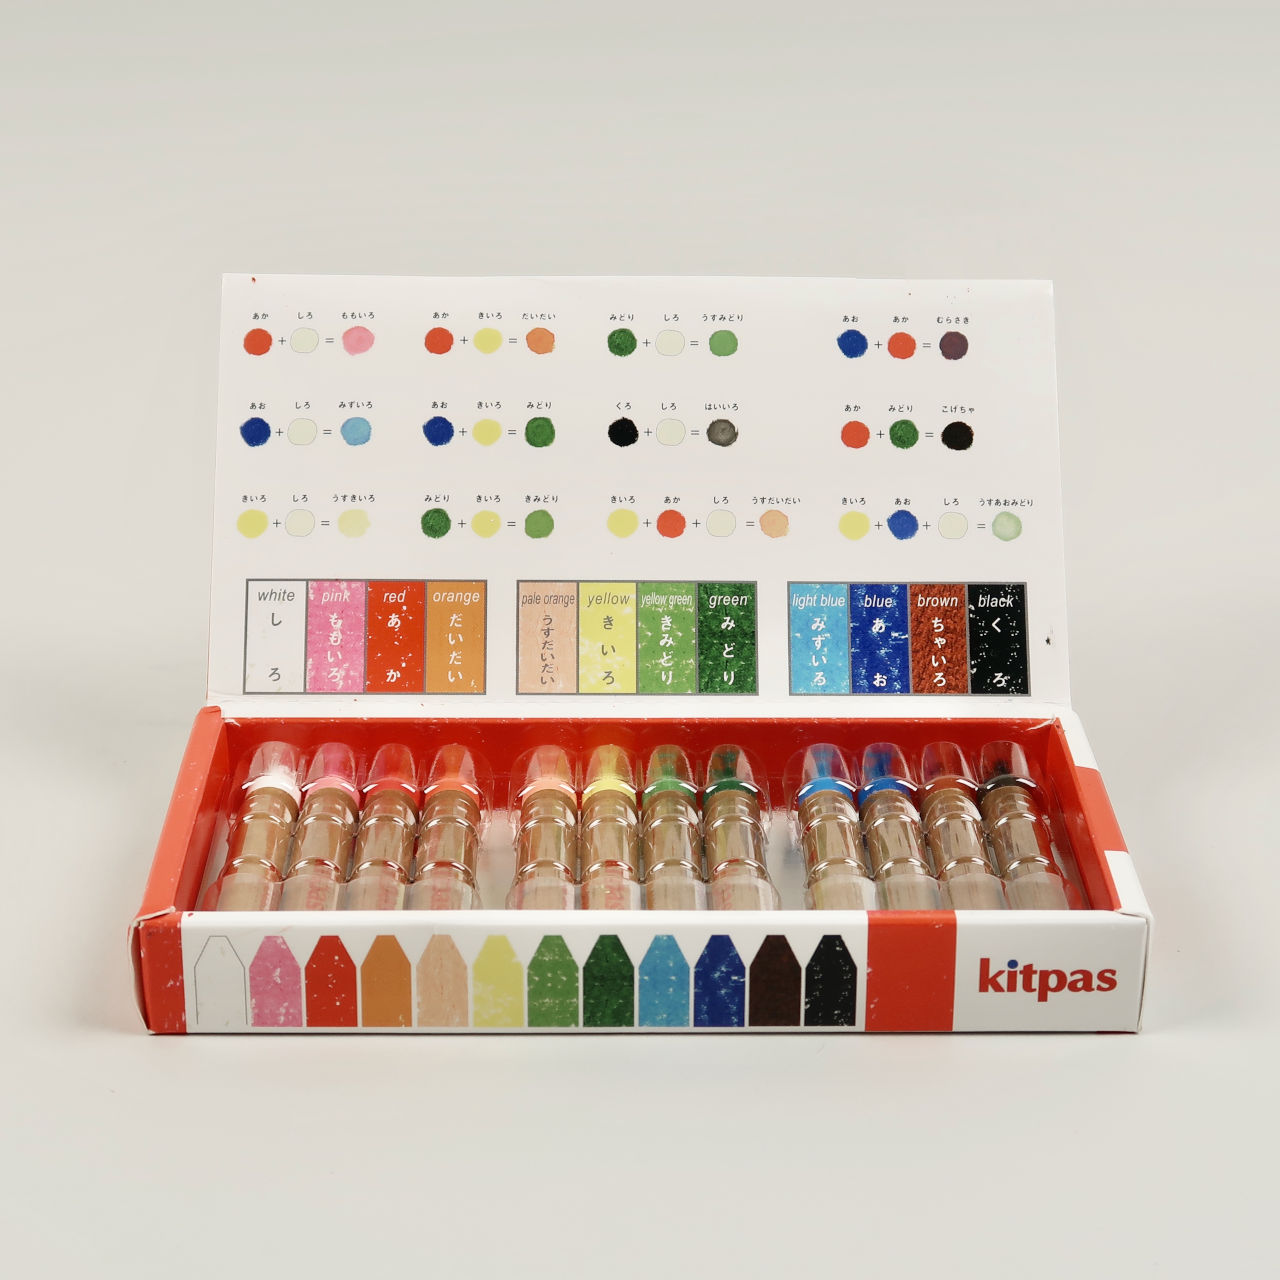 Kitpas Crayons - Medium - 12 Colours